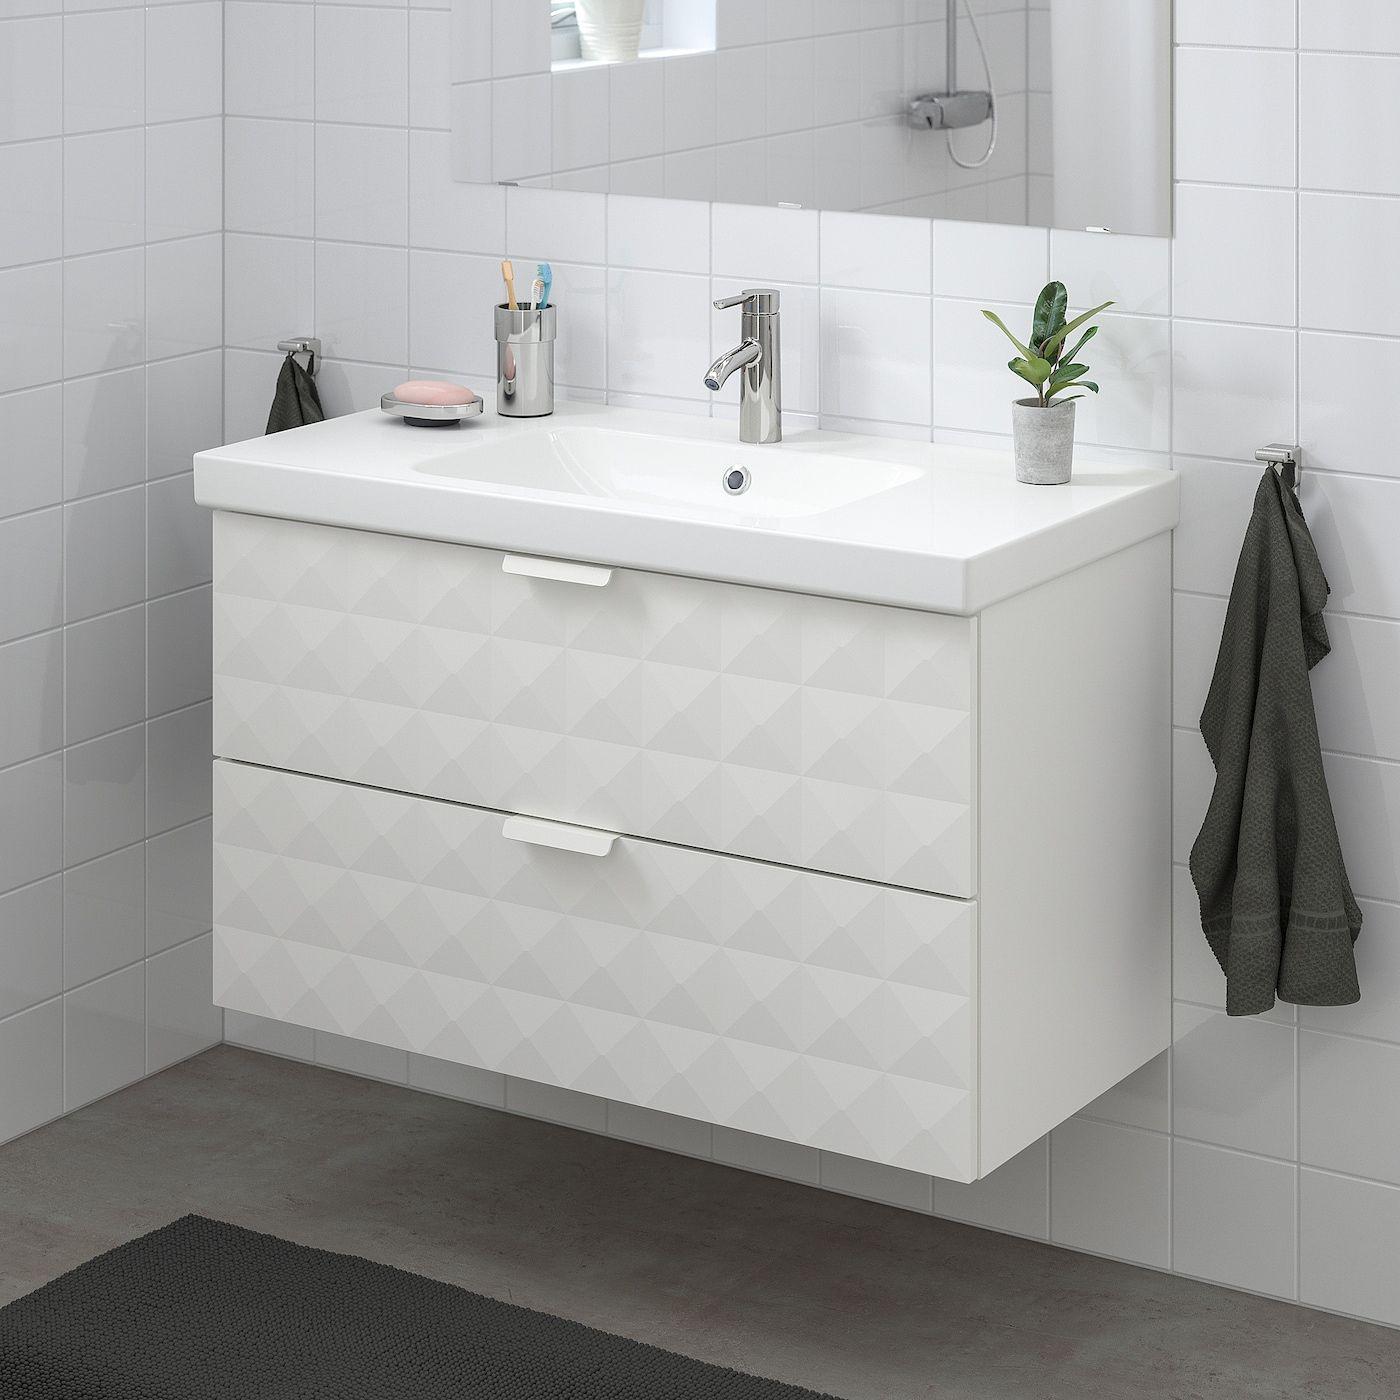 Ikea Godmorgon Odensvik Waschbeckenschrank 2 Schublade Resjon Weiss Dalskar Mischbatterie In 2020 Waschbeckenschrank Ikea Godmorgon Badezimmerwaschtisch